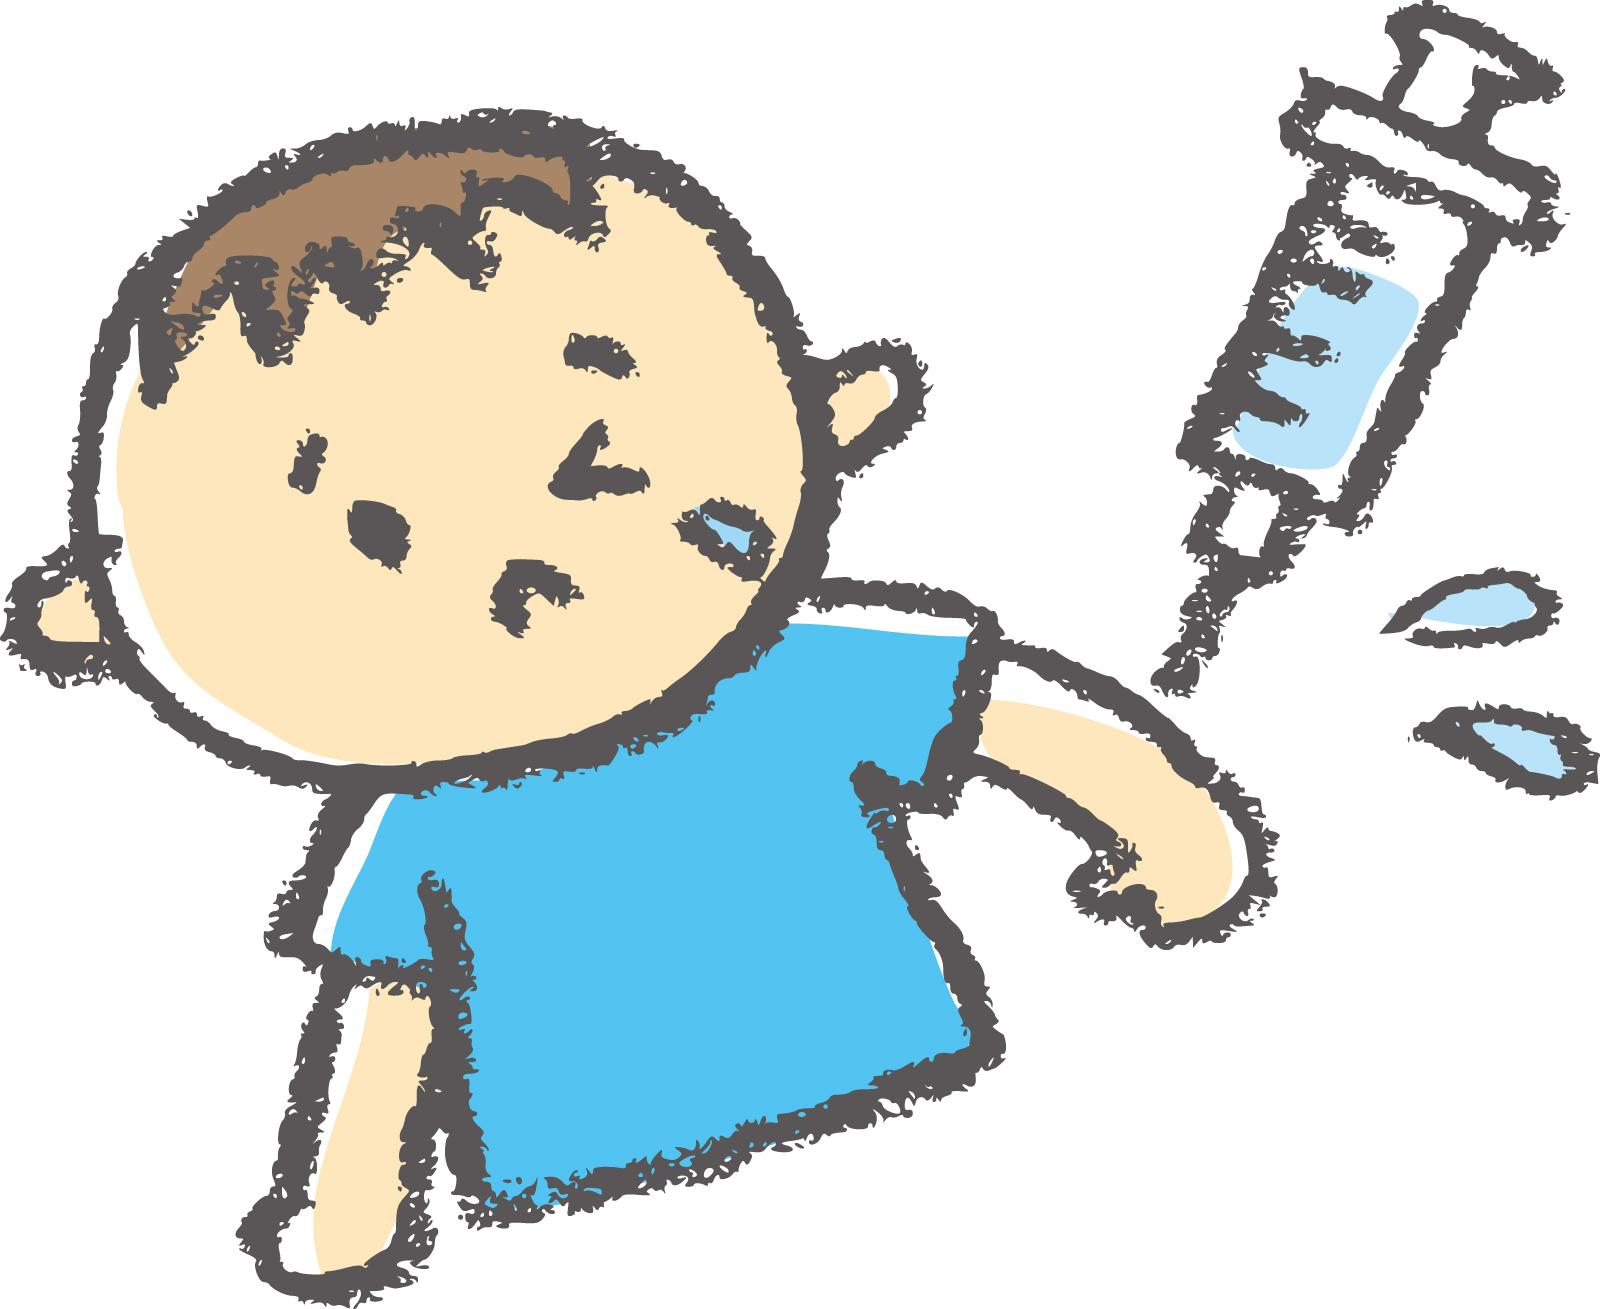 新型インフルエンザワクチン接種後に死亡